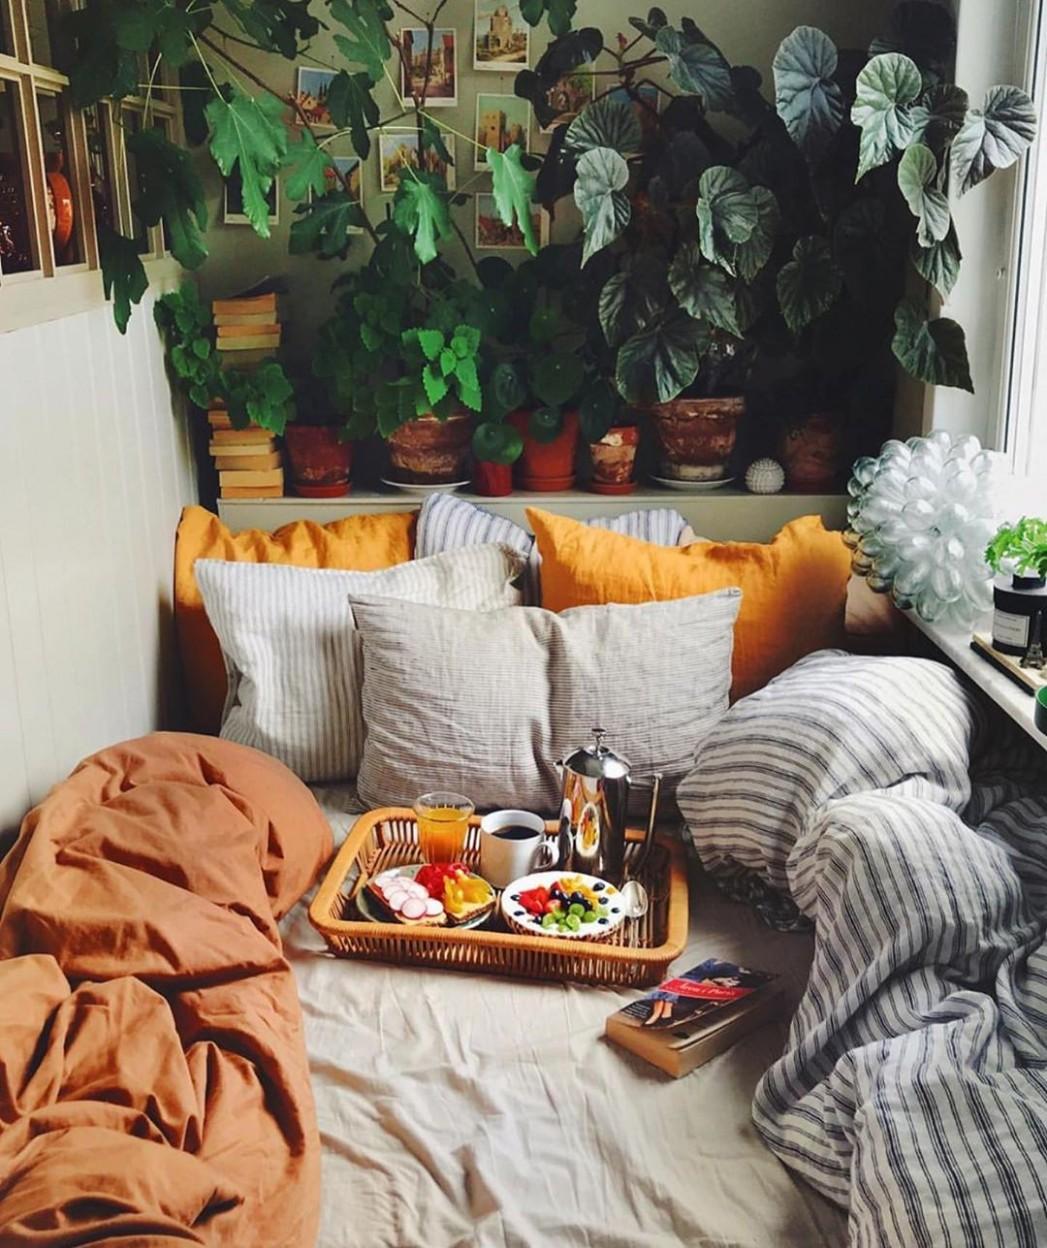 10 Romantic Bedroom Decor Ideas With Plant Theme - Bedroom Ideas With Plants